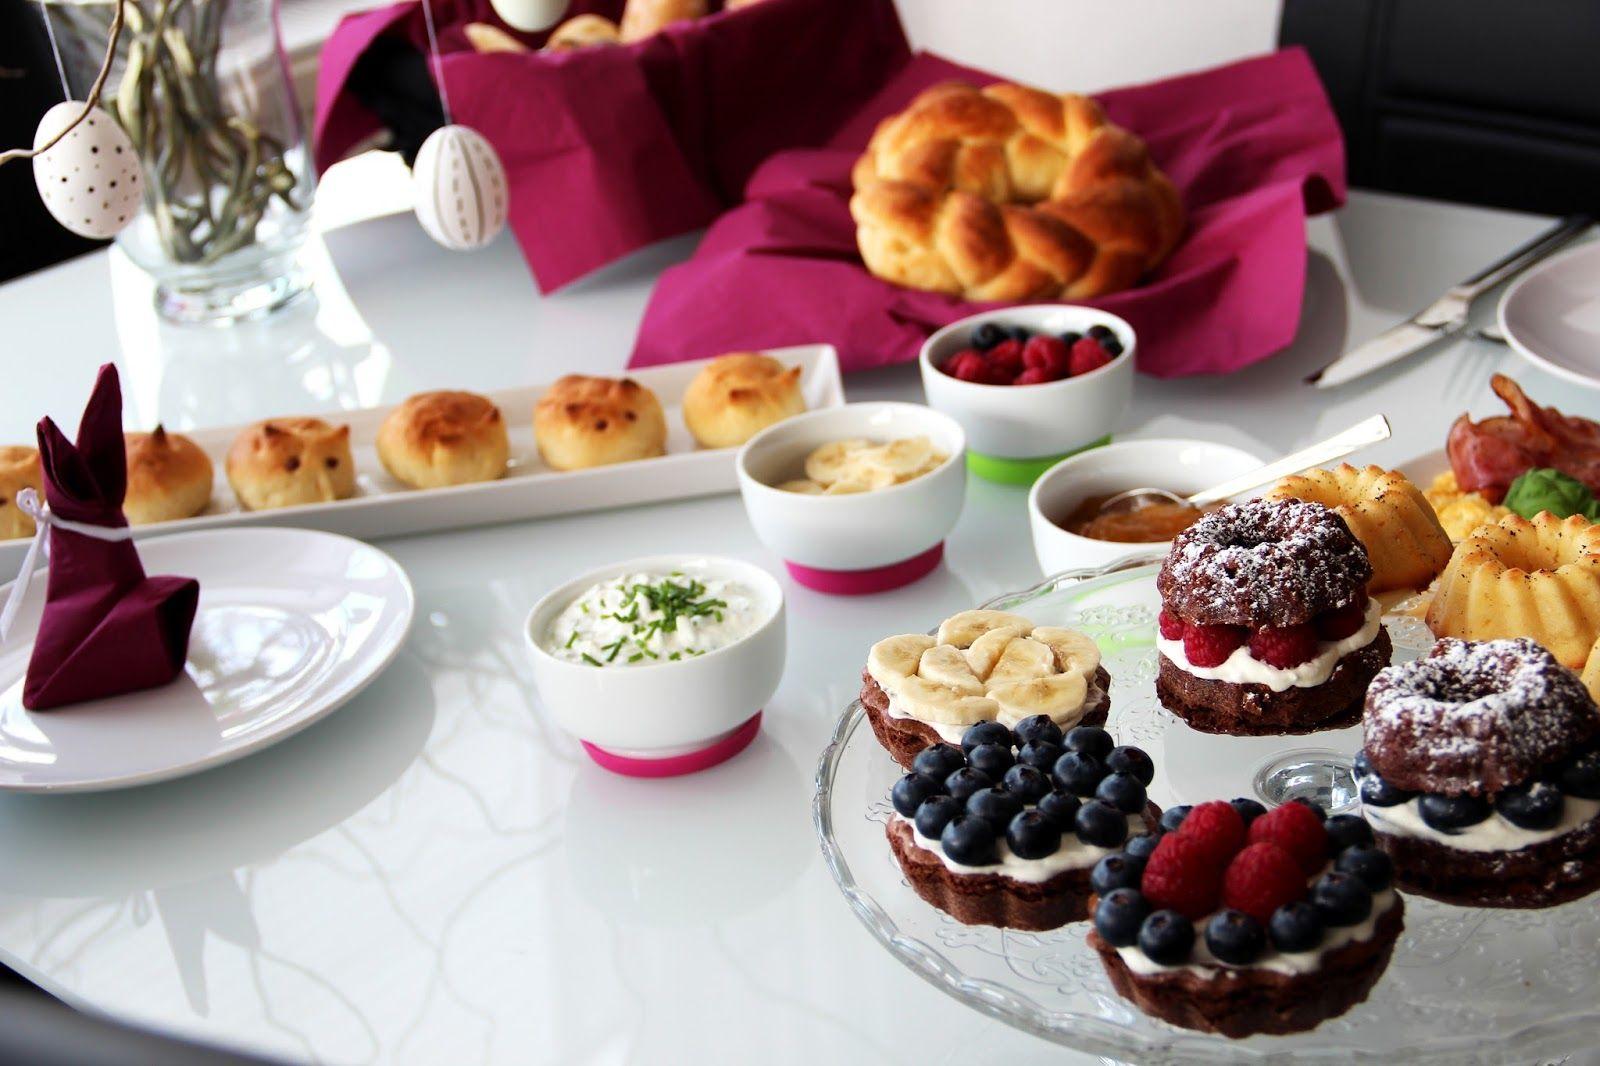 Auf der Suche nach leckeren Frühstücksideen?  Hier gehts lang: http://stilechtes.blogspot.co.at/2016/03/osterbrunch-rezepte-und-ideen.html